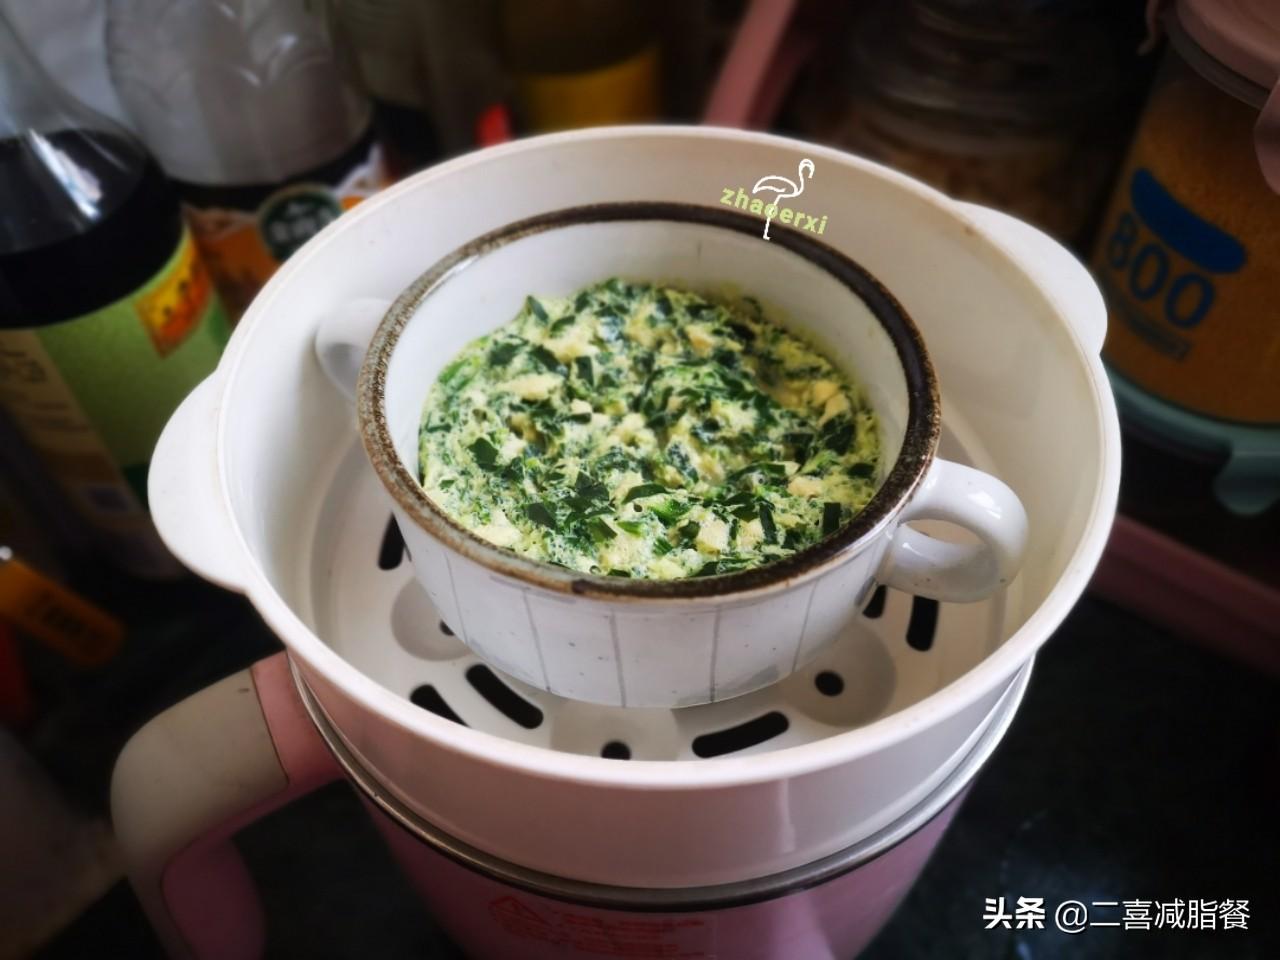 减脂早餐167:杂粮、水果、鸡蛋、肉、蔬菜都有了,360大卡 减肥菜谱做法 第4张